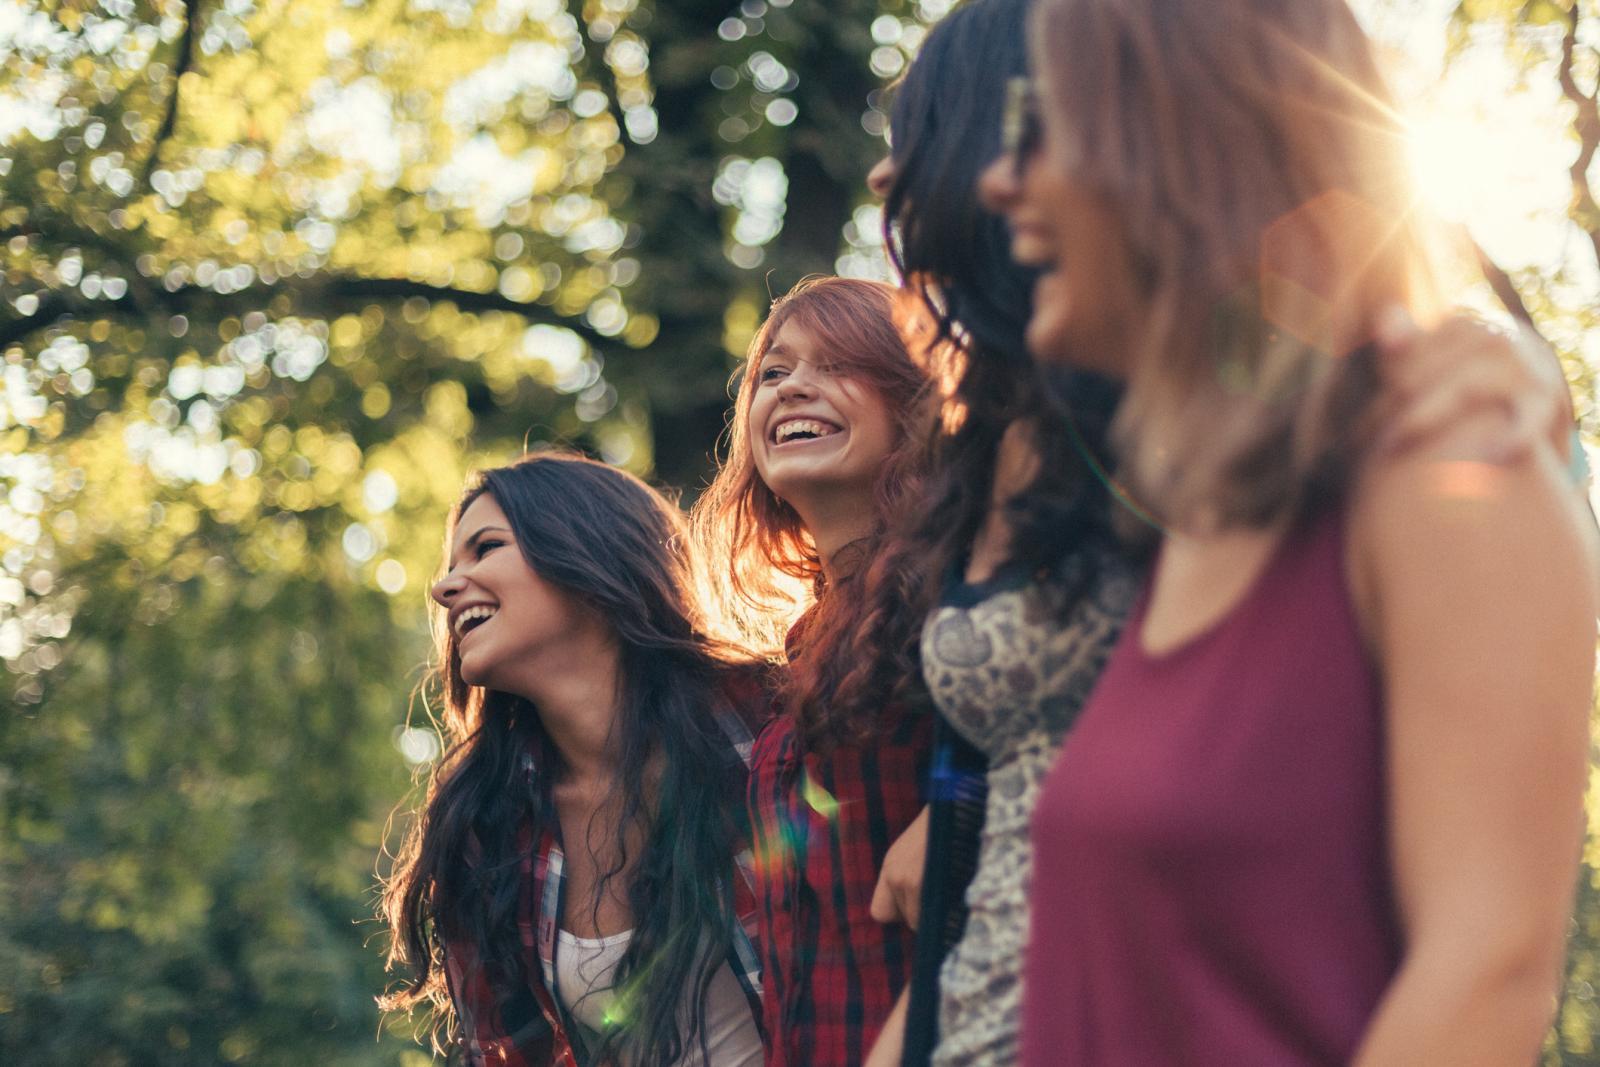 Za vrijeme snažnog smijeha povećava se frekvencija srca, ponekad i iznad 120 otkucaja u minuti.